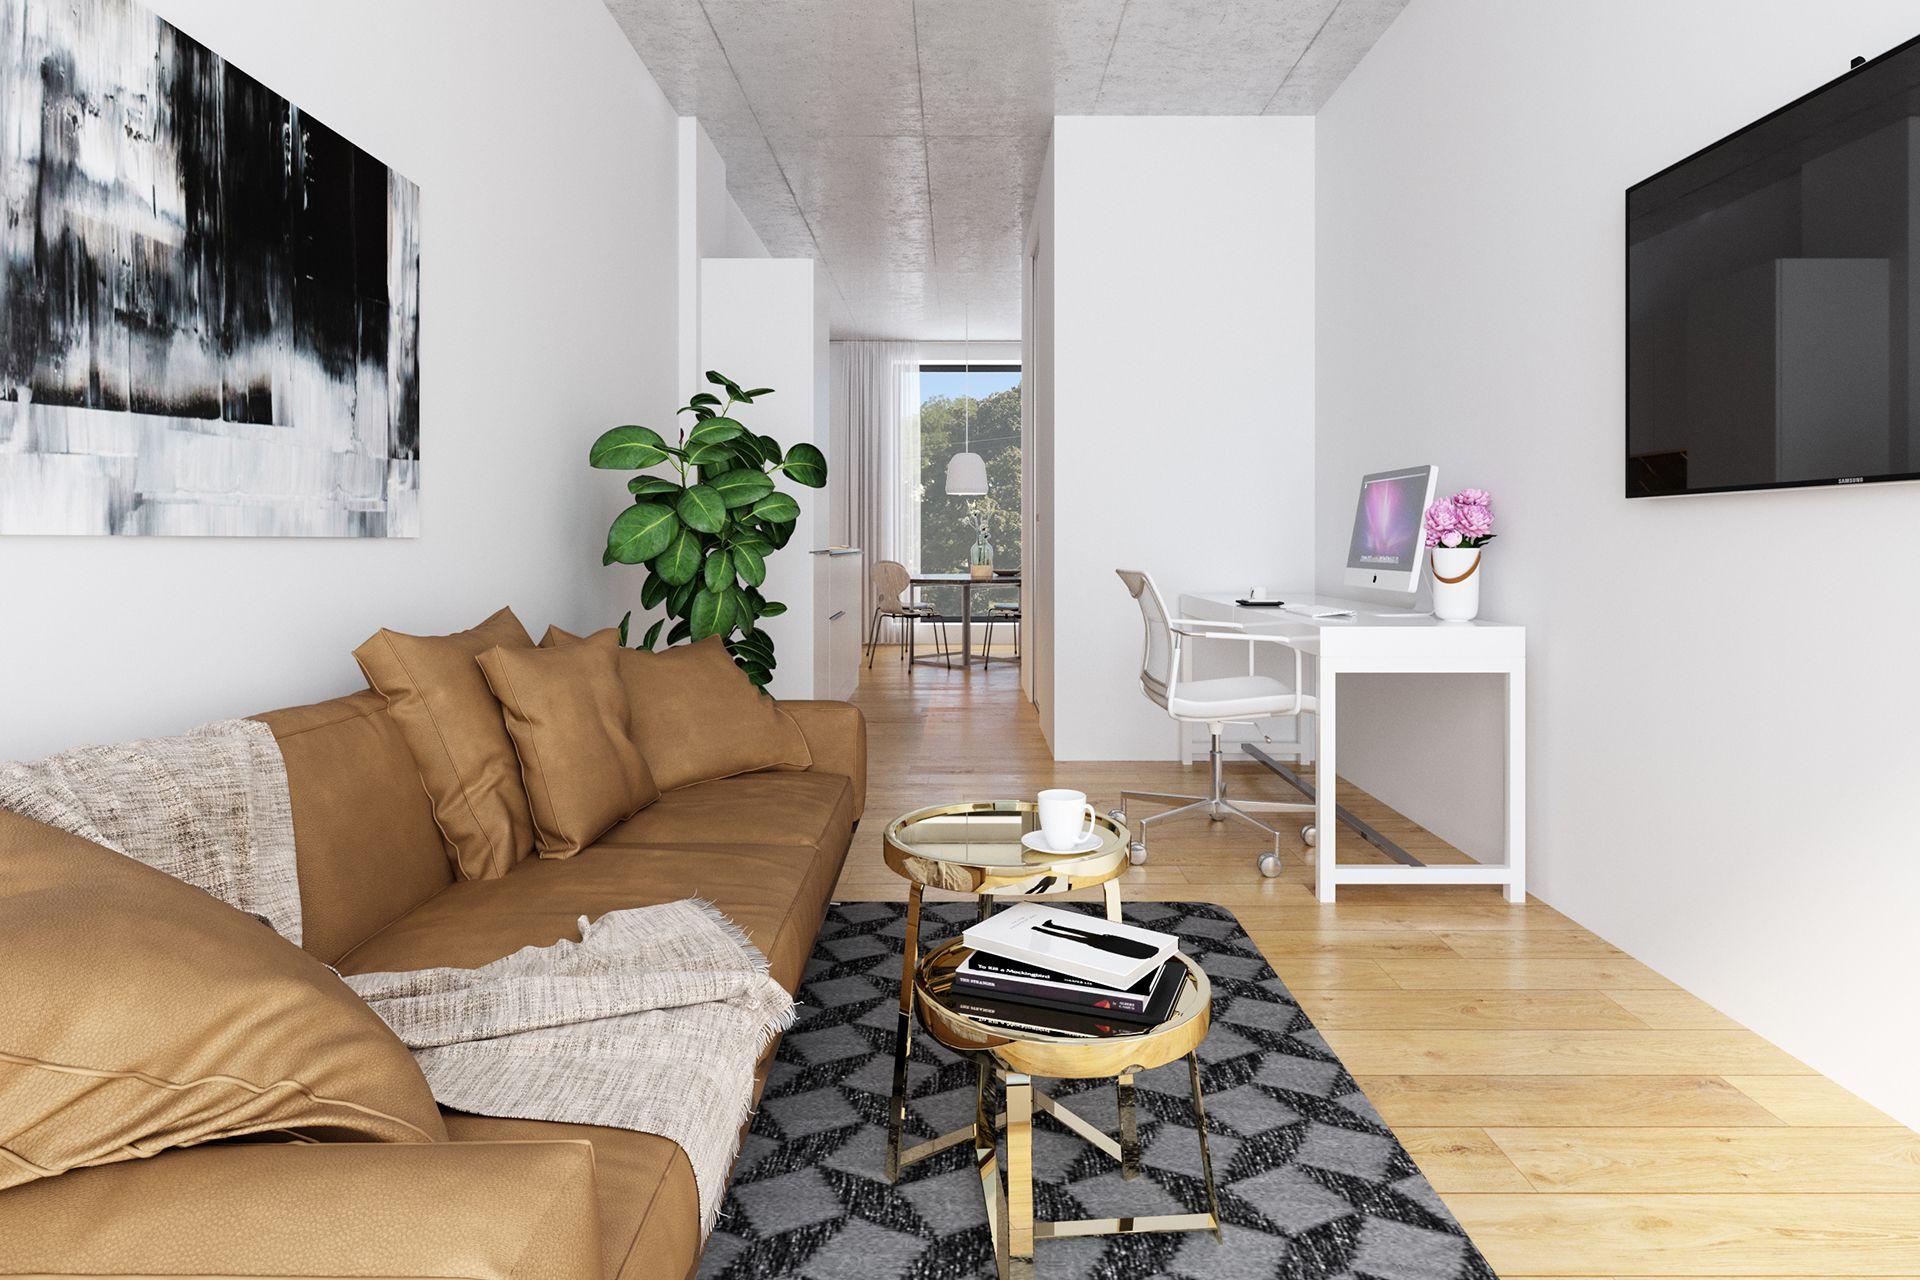 Interiorvisualisierung: Wohnzimmer Bsp. 1 von Apartment Kardinal-Nagl-Platz, Wien-Landstrasse